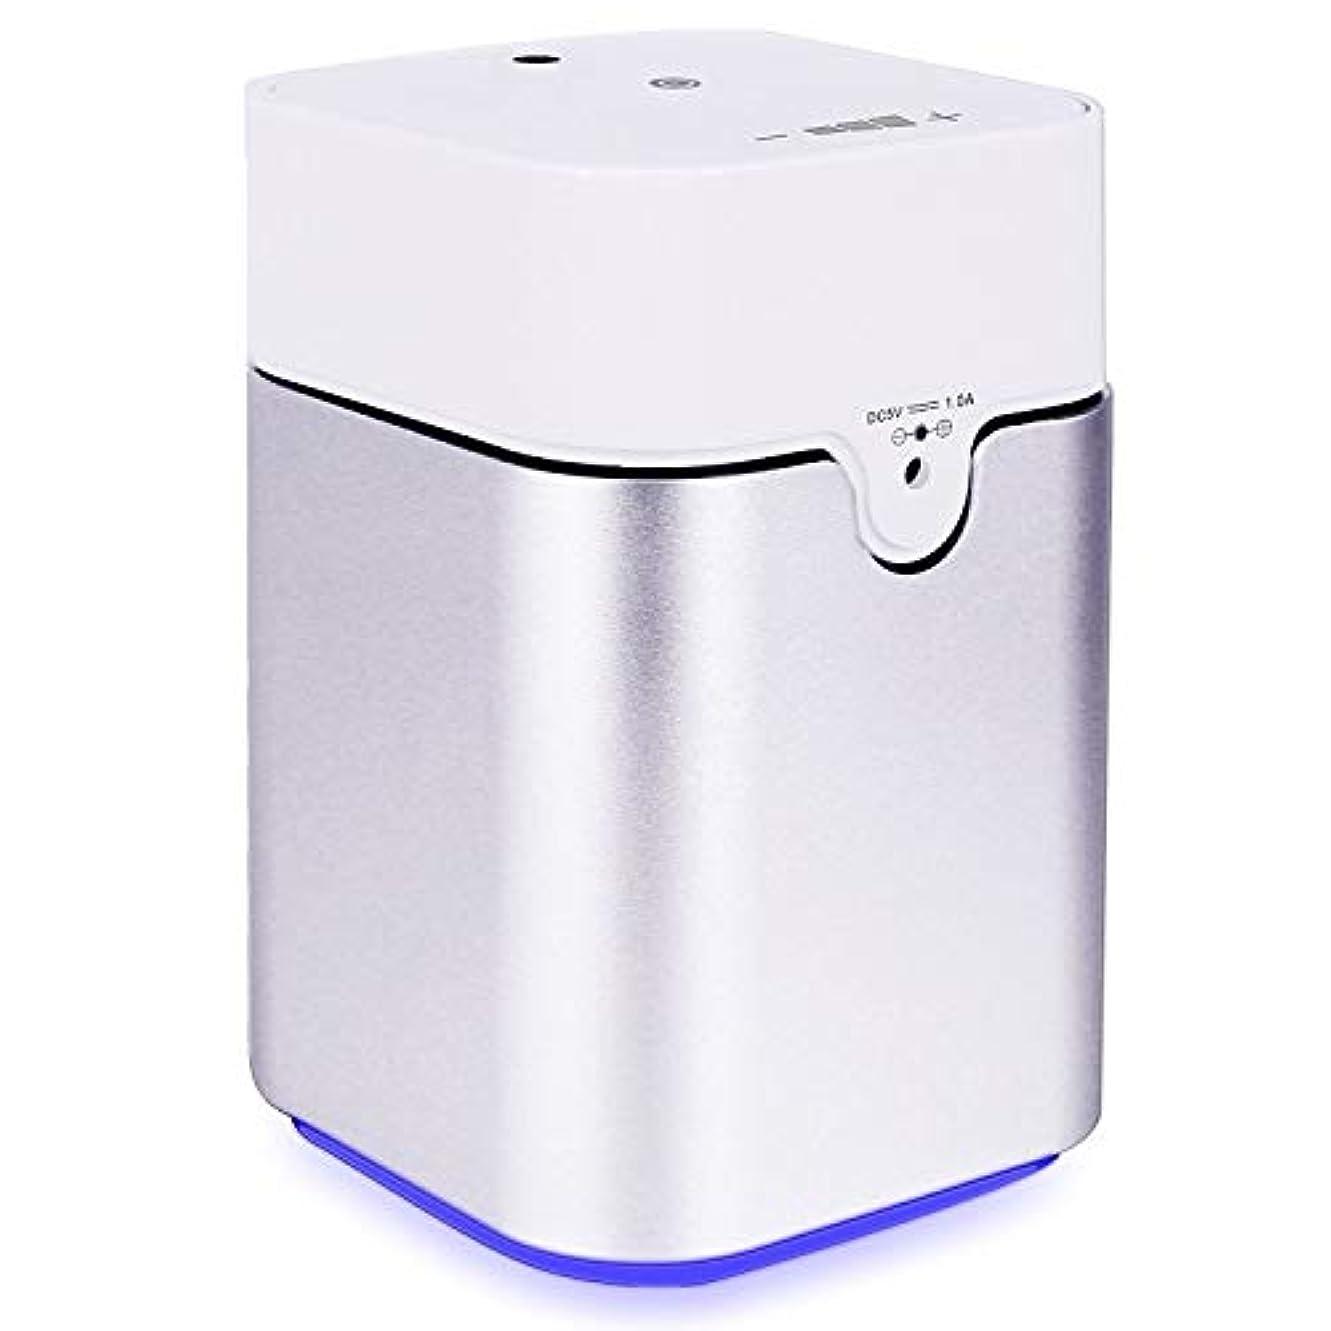 限界入射デコードするENERG e's Pure アロマディフューザー ヨガ室 整体院人気 タイマー機能 ネブライザー式 量調整可能 精油瓶3個付き T11-ENS082